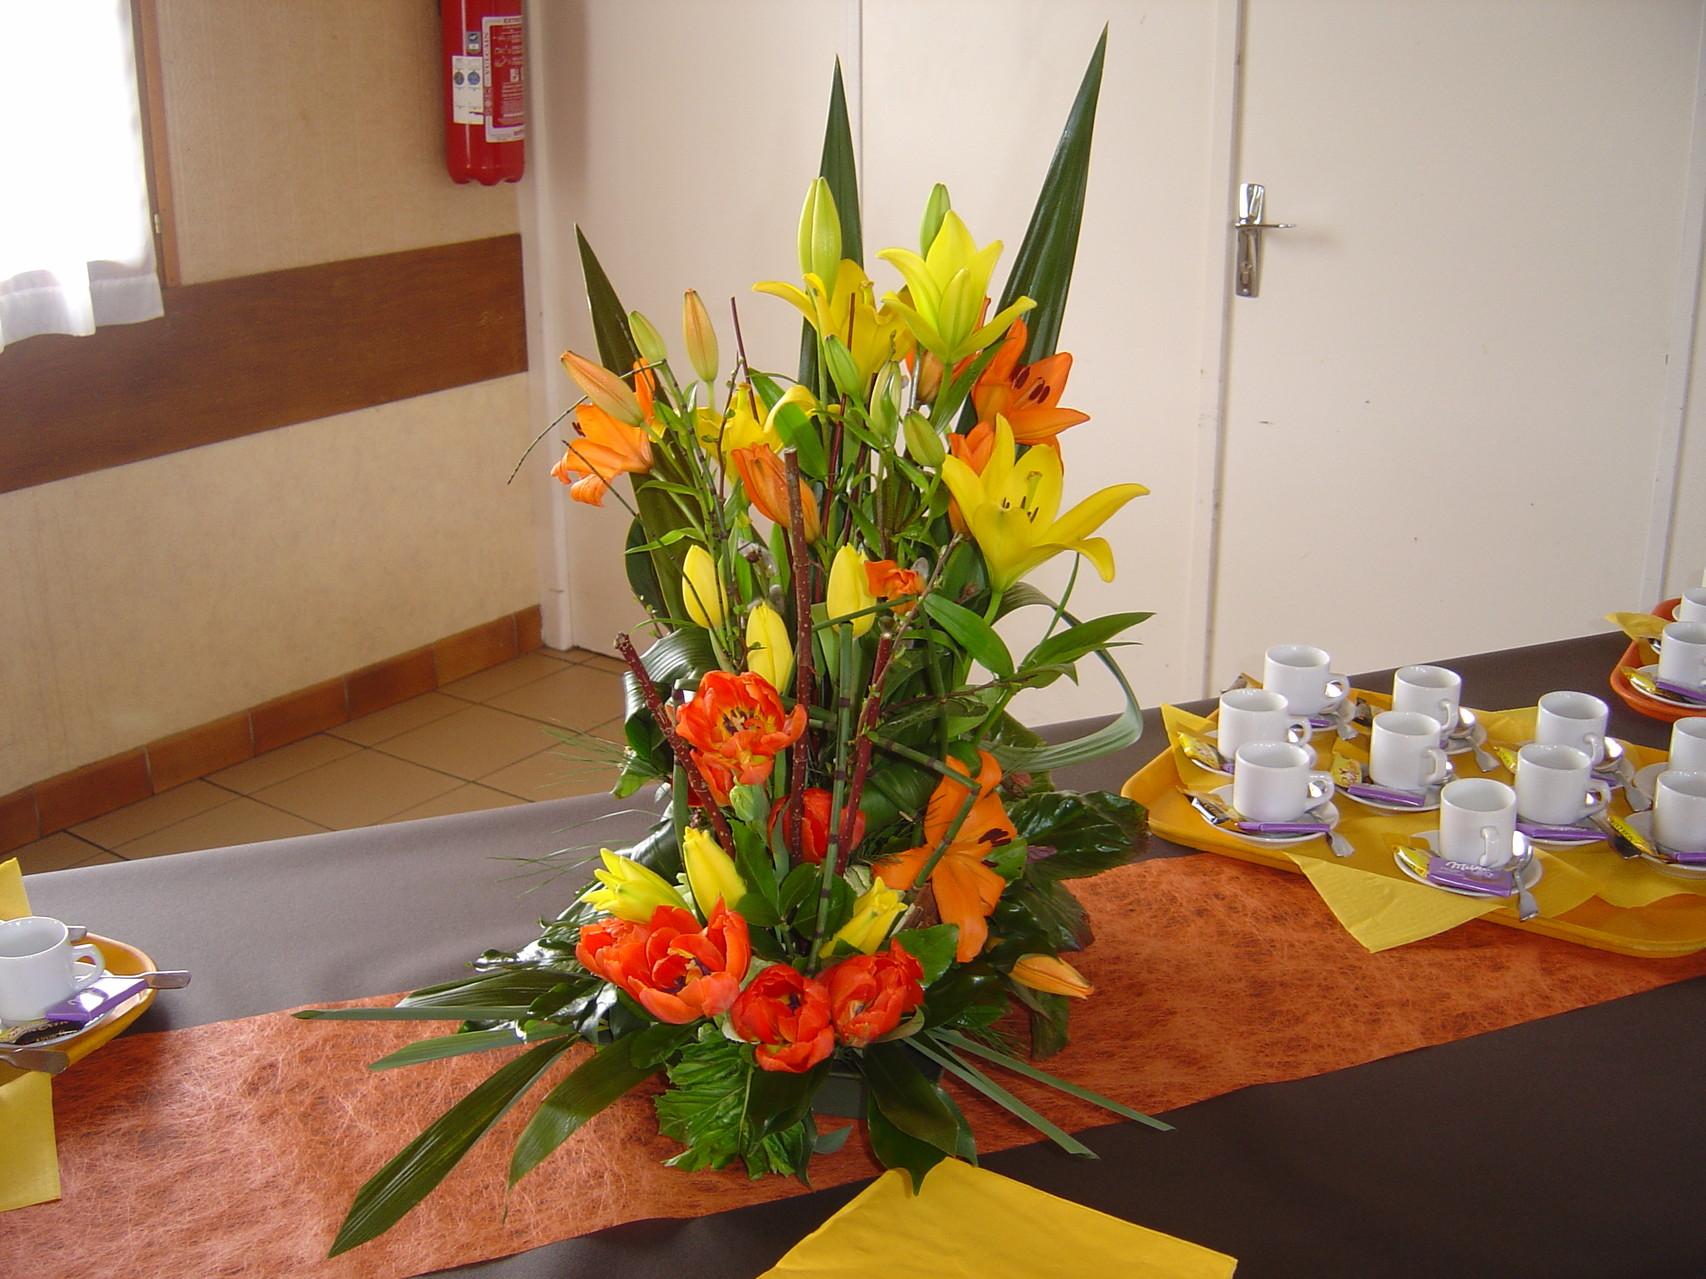 DANET TRAITEUR REPAS DES AINES - décor floral